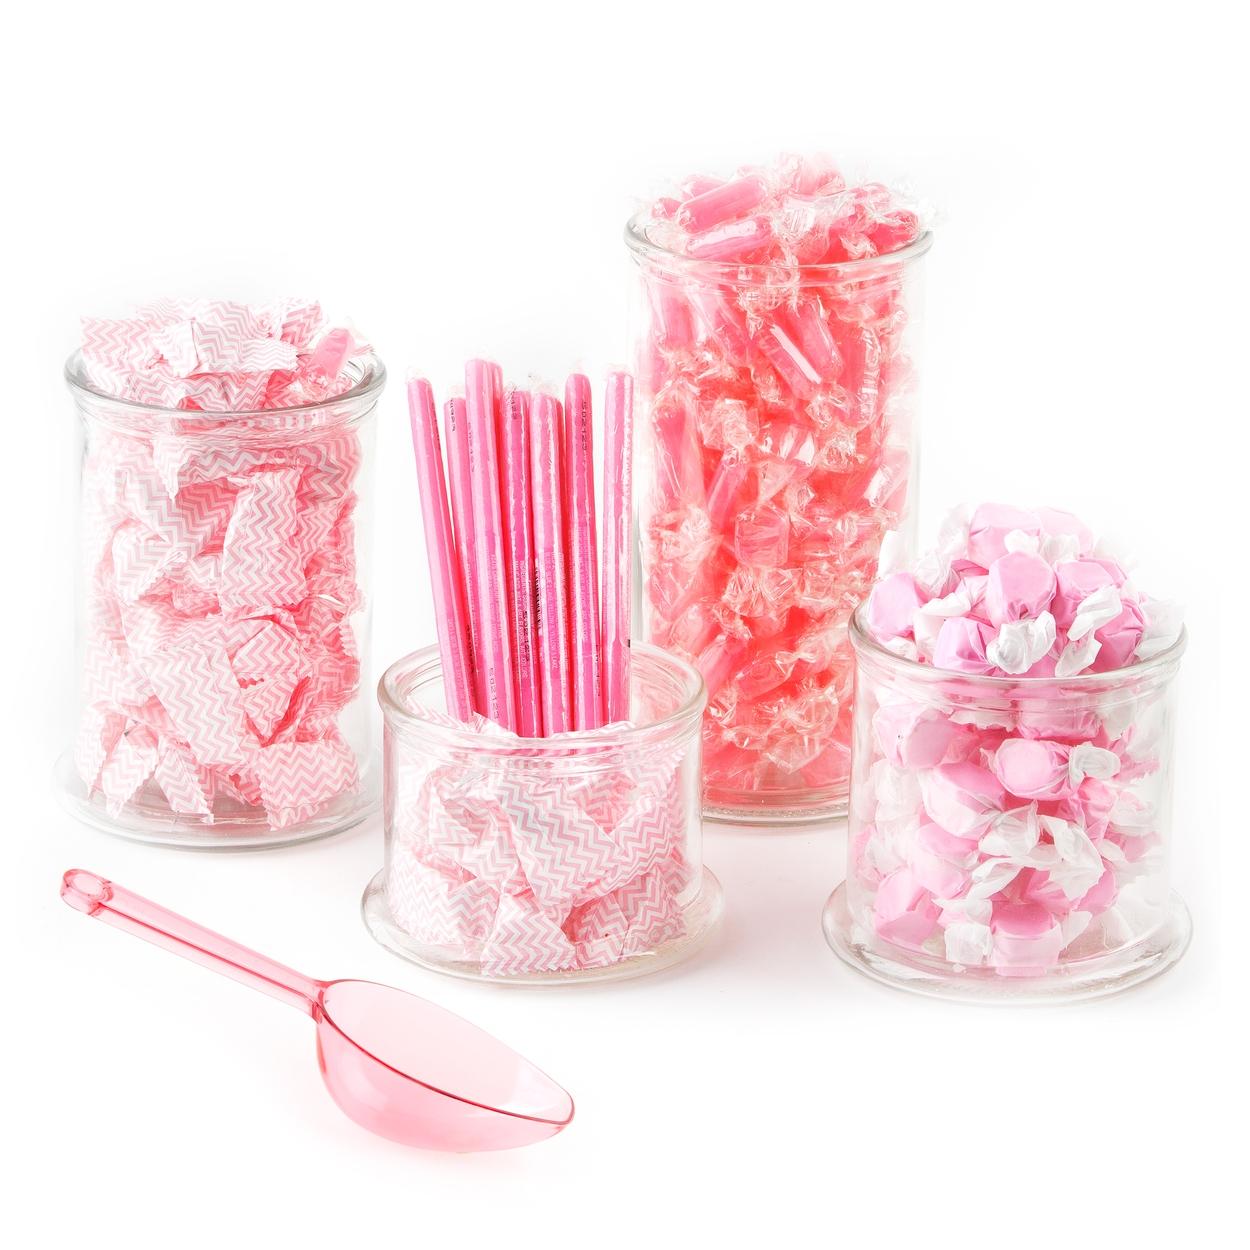 pink candy buffet kit u2022 candy buffet kits u2022 bulk candy u2022 oh nuts rh ohnuts com candy buffet kit 30 people candy buffet kit plastic